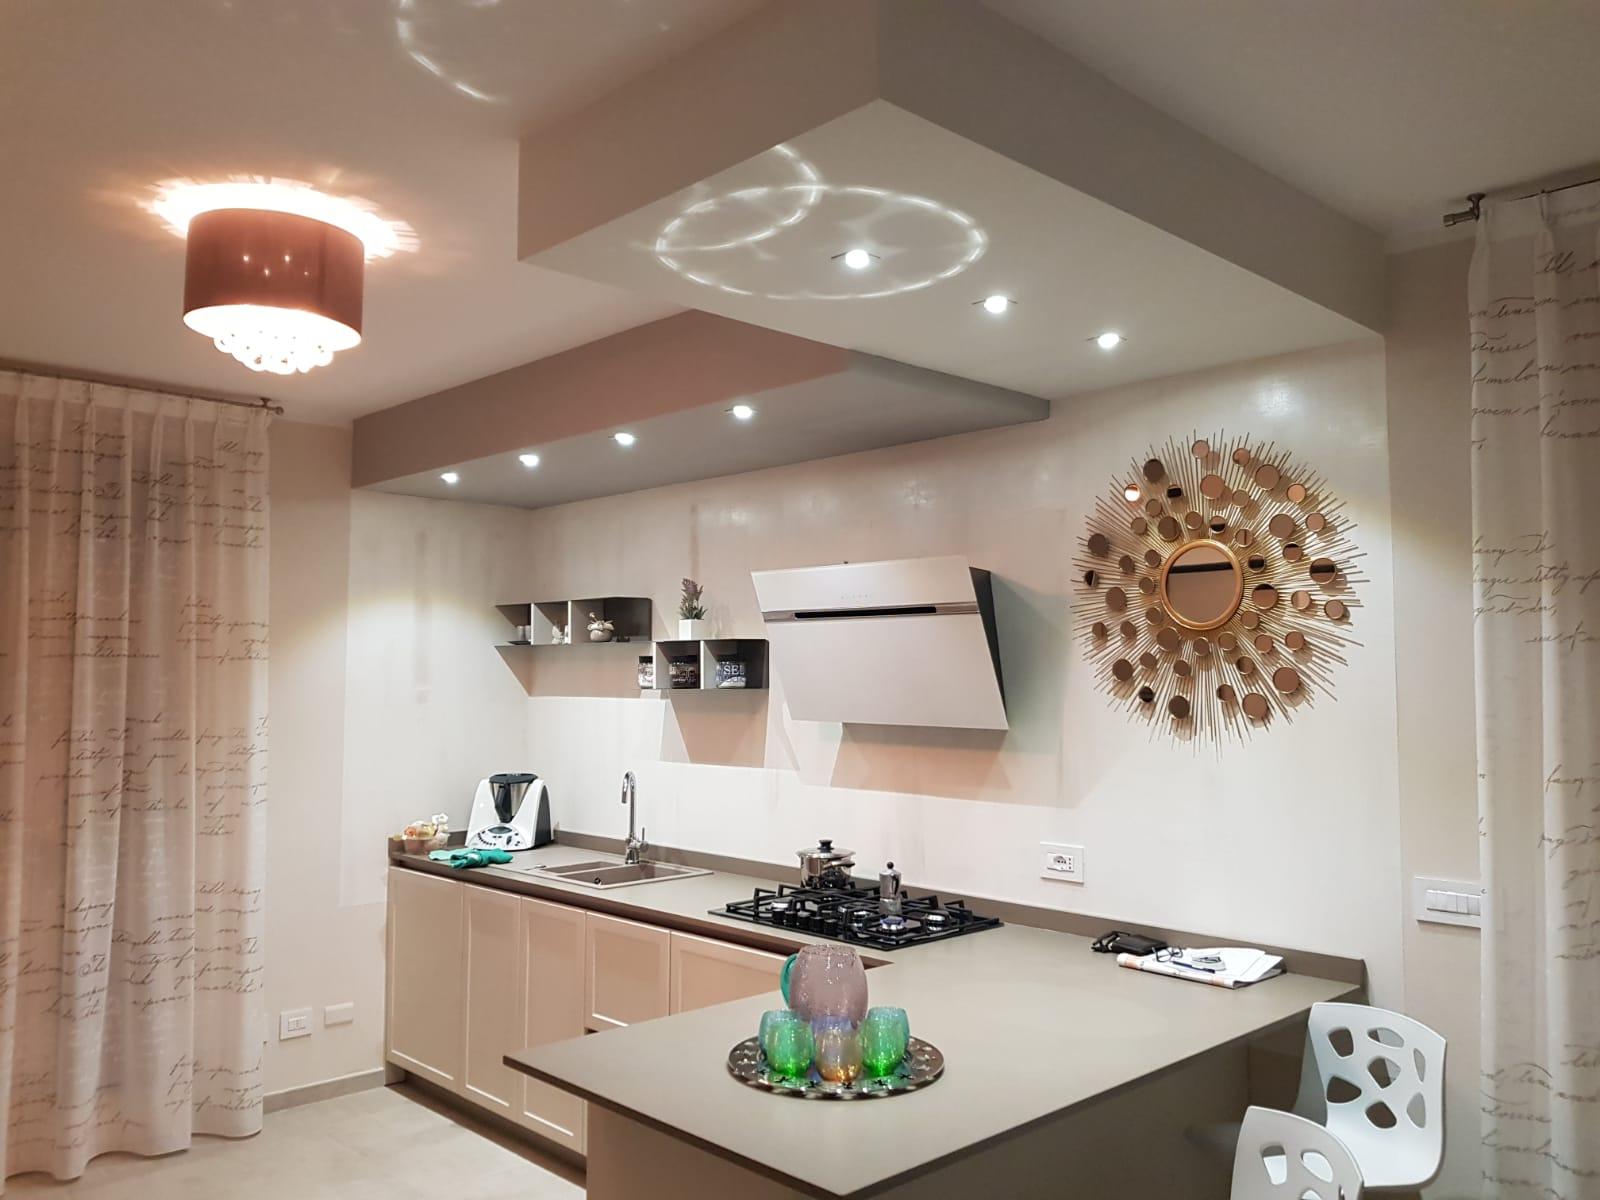 cucina edil 900 costruzioni canossa val d'enza reggio emilia parma